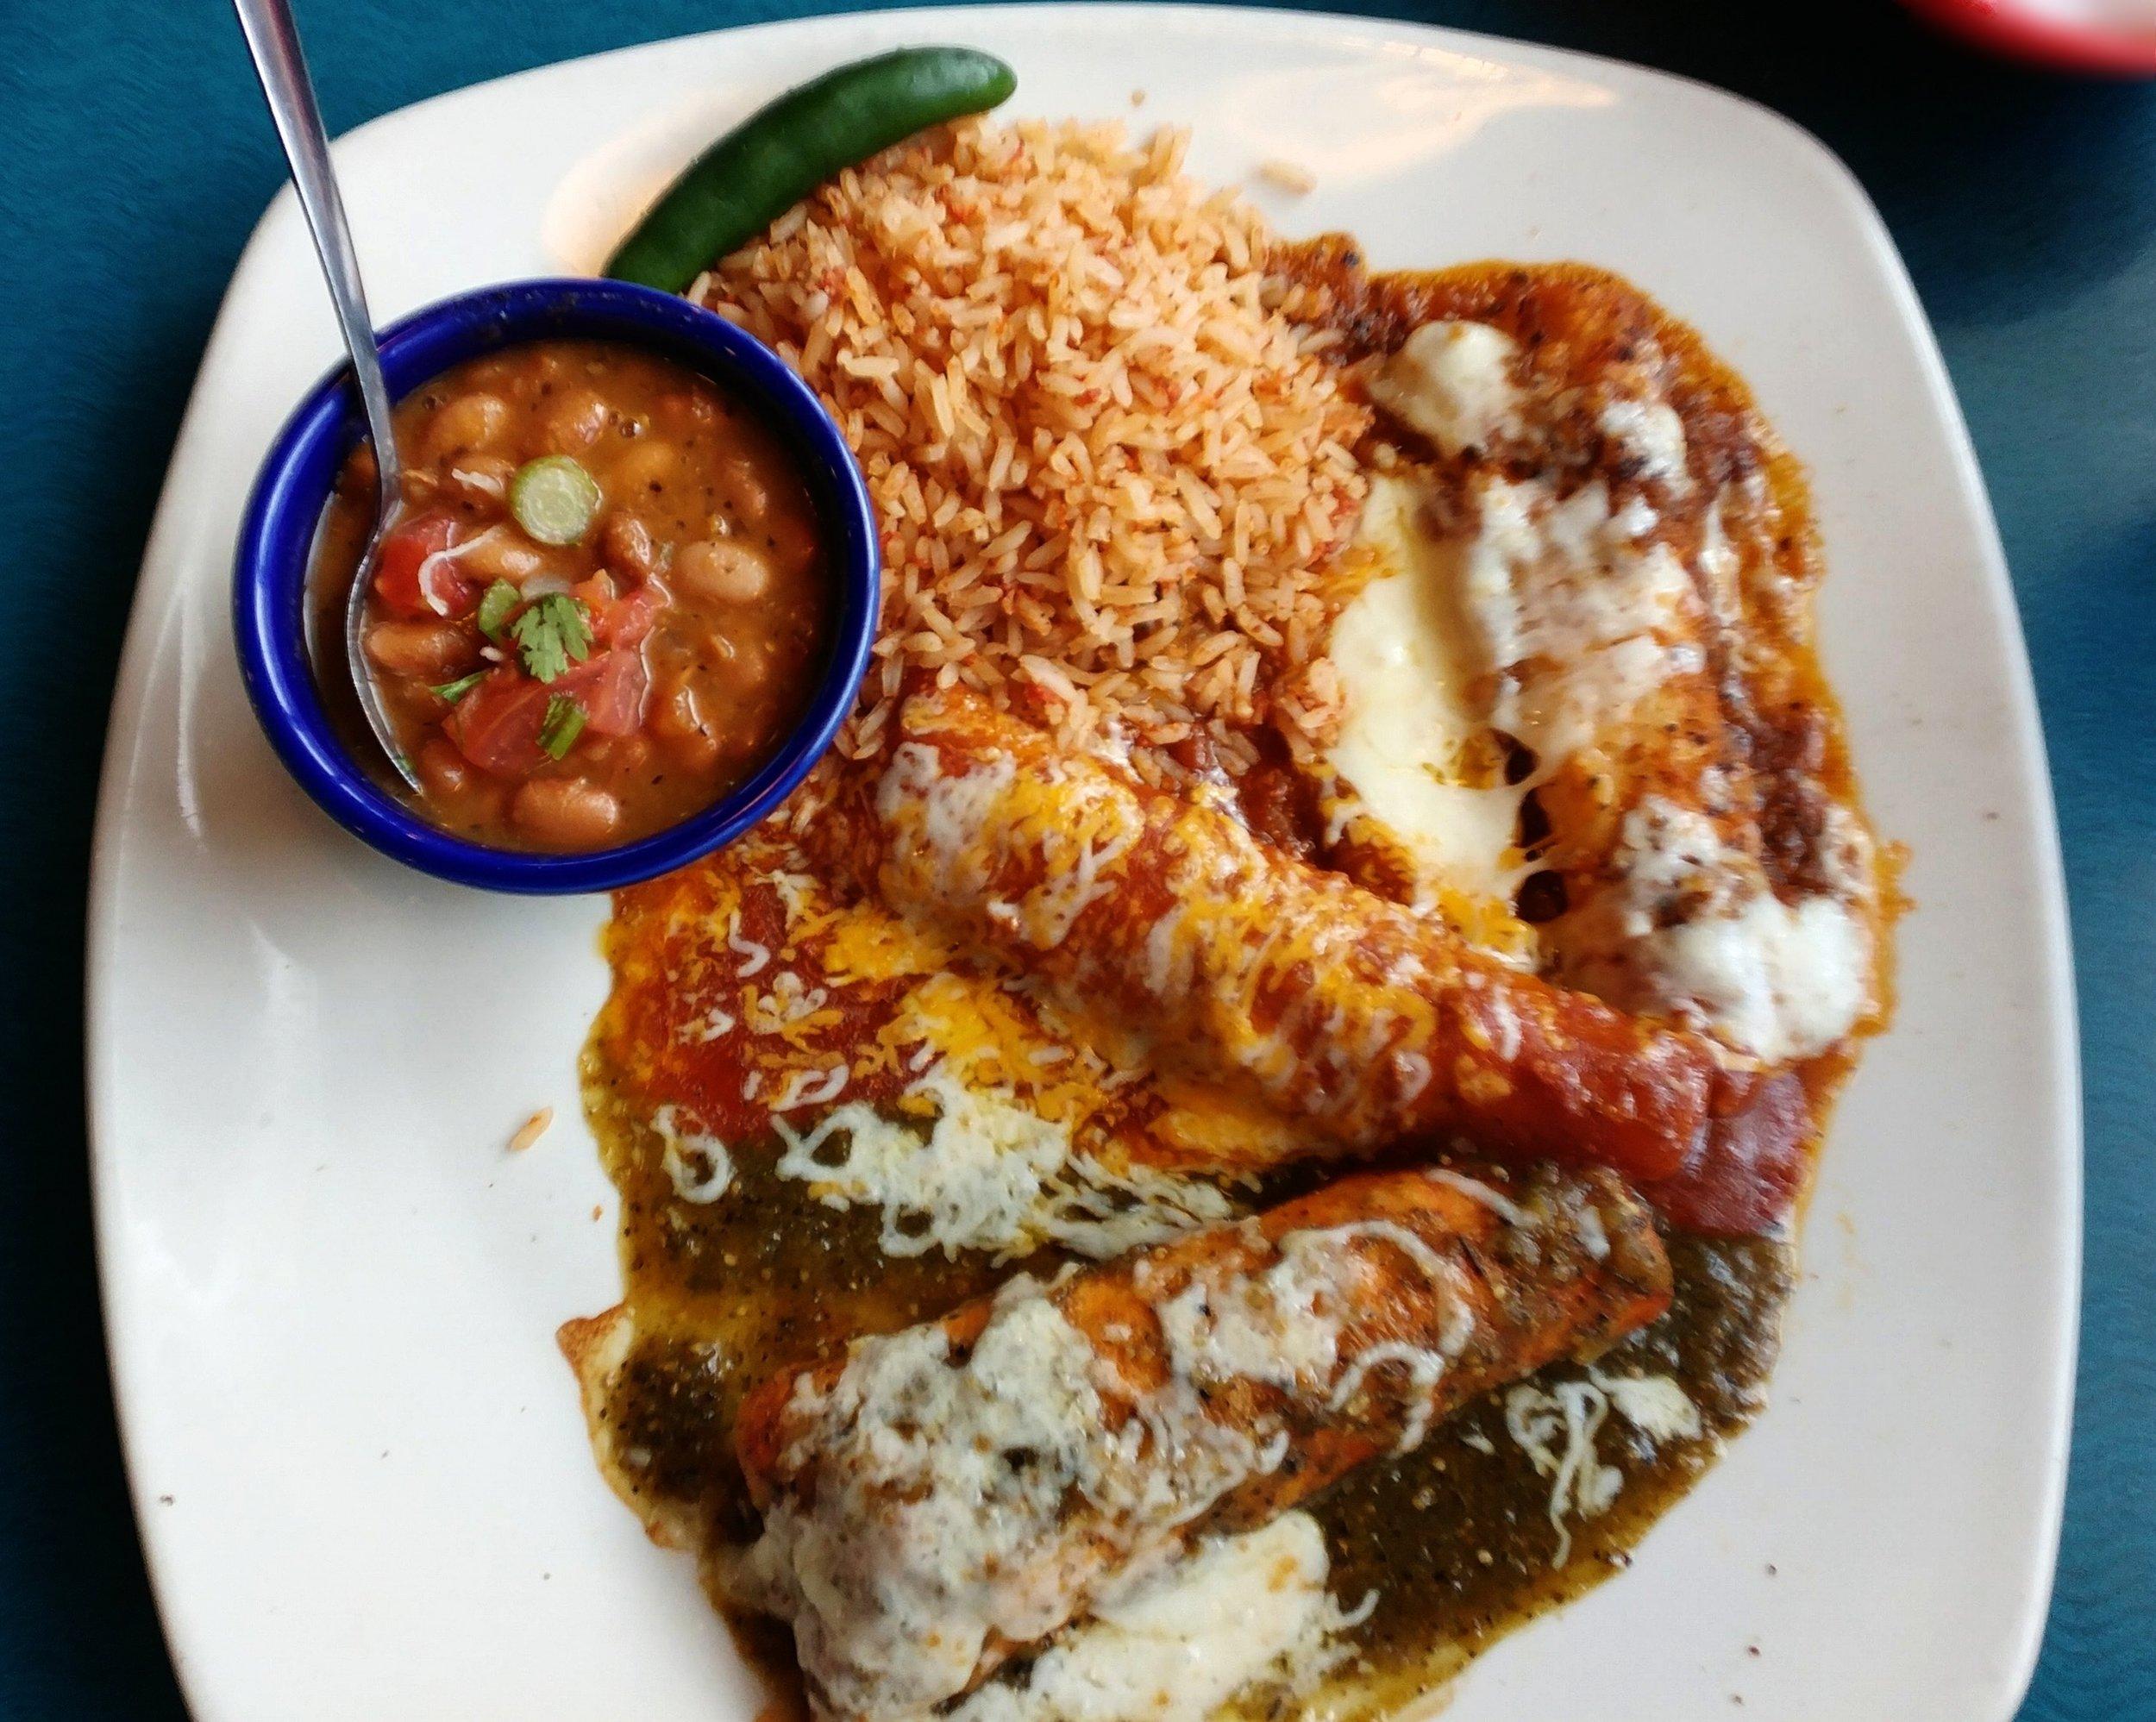 Mixto Enchiladas -